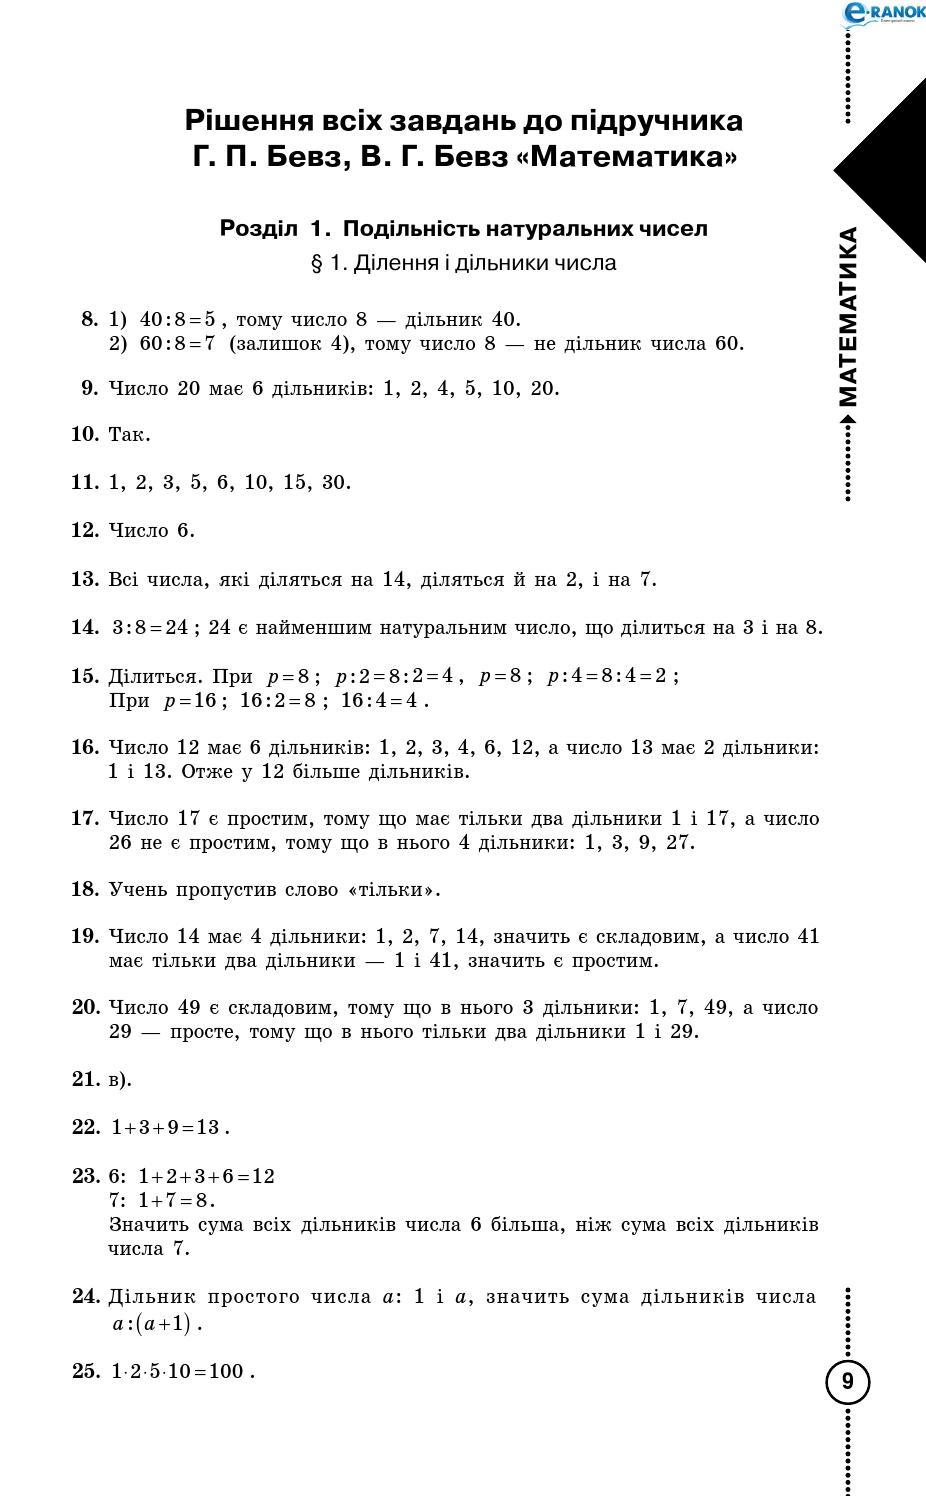 математика 6 класс решебник бевз бевз